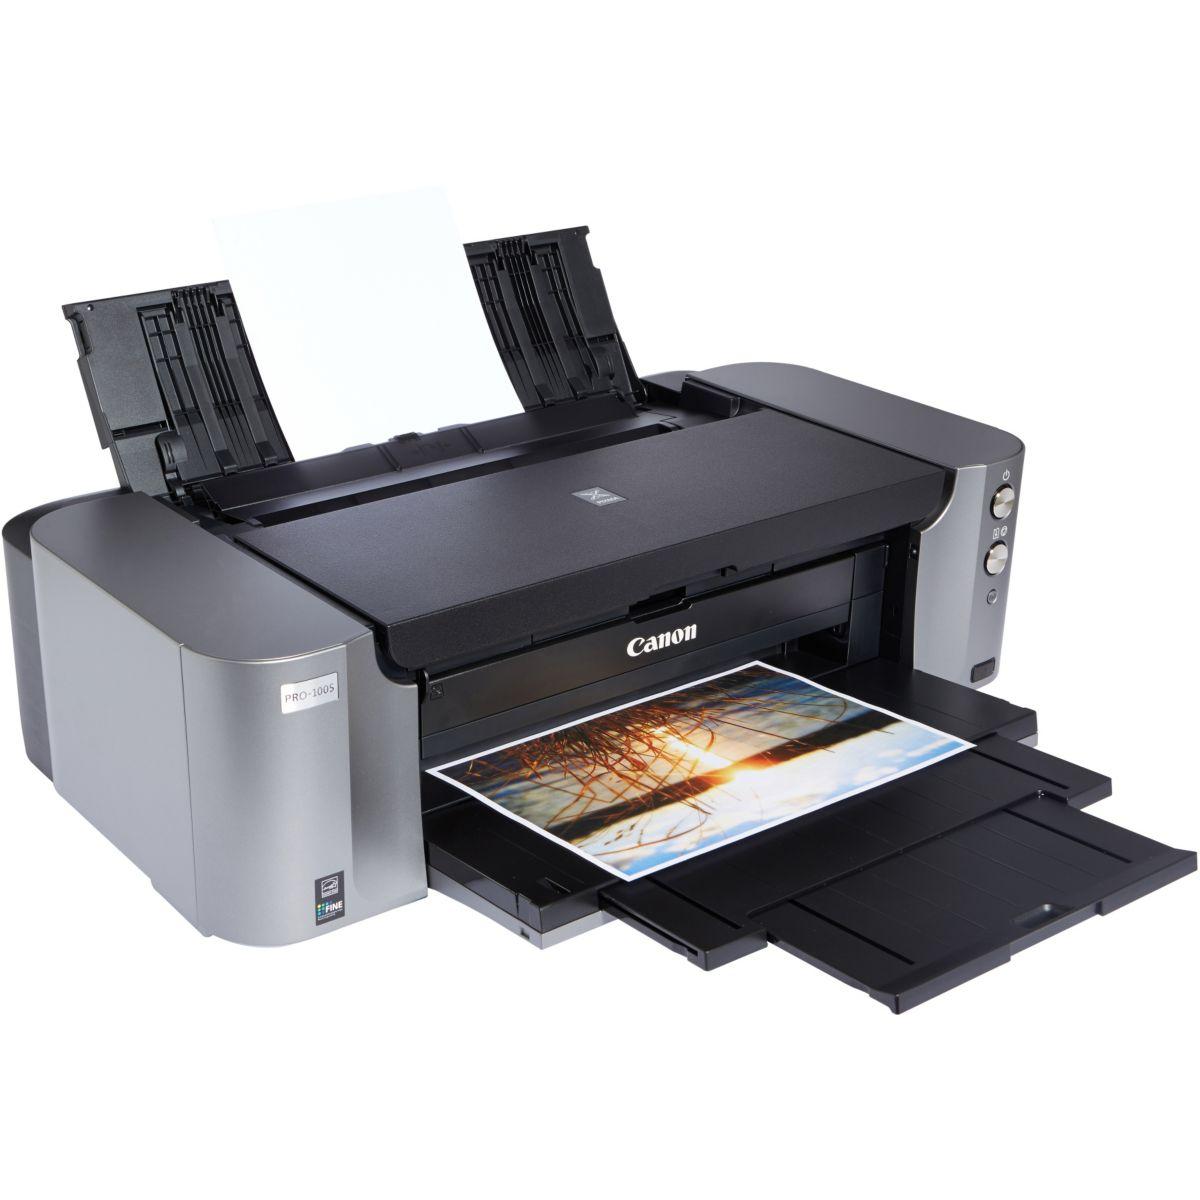 Imprimante multifonction jet d'encre CANON PIXMA PRO 100 S (photo)